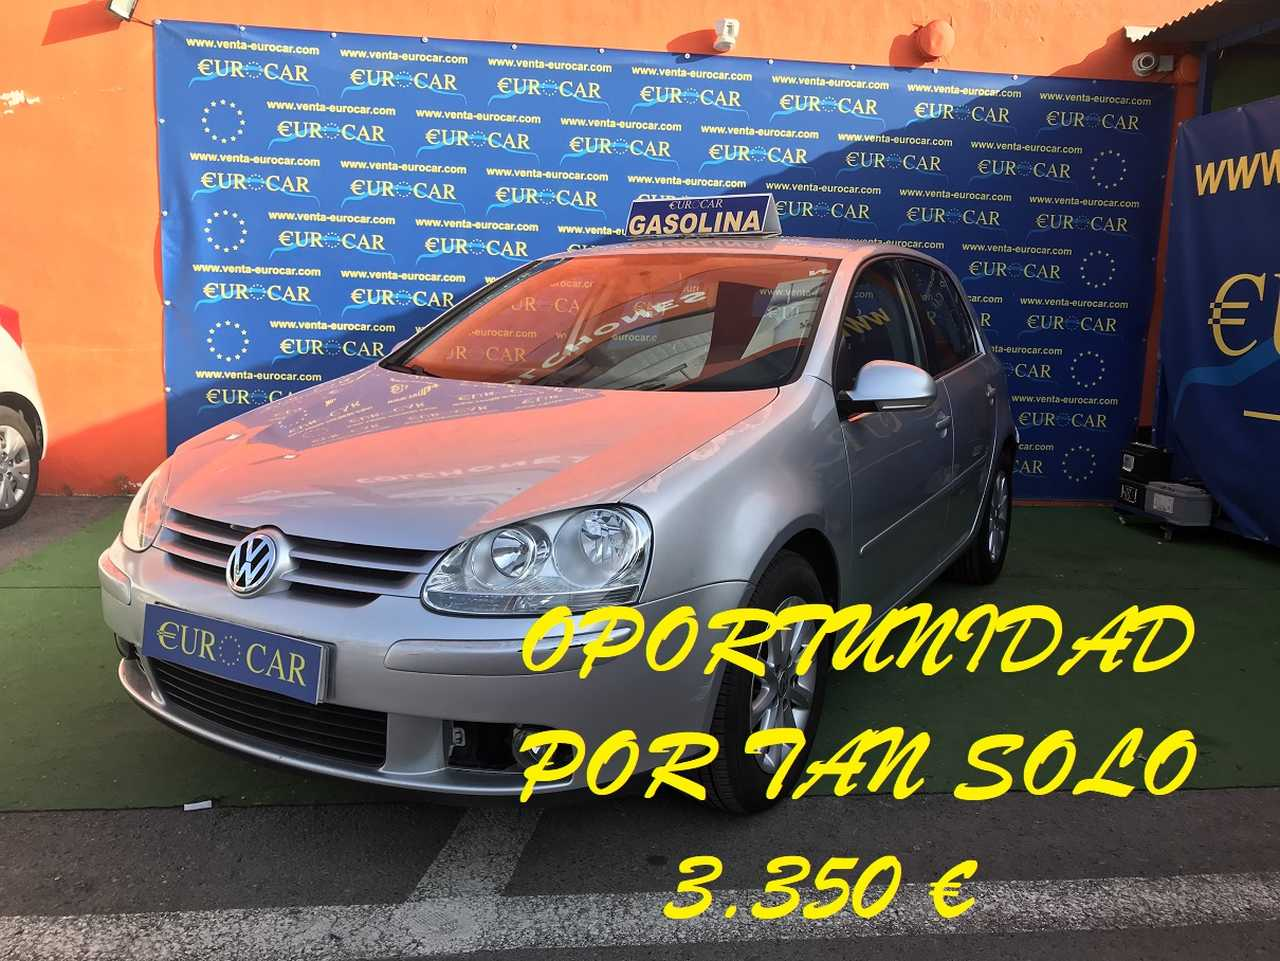 Volkswagen Golf ocasión segunda mano 2007 Gasolina por 3.350€ en Alicante